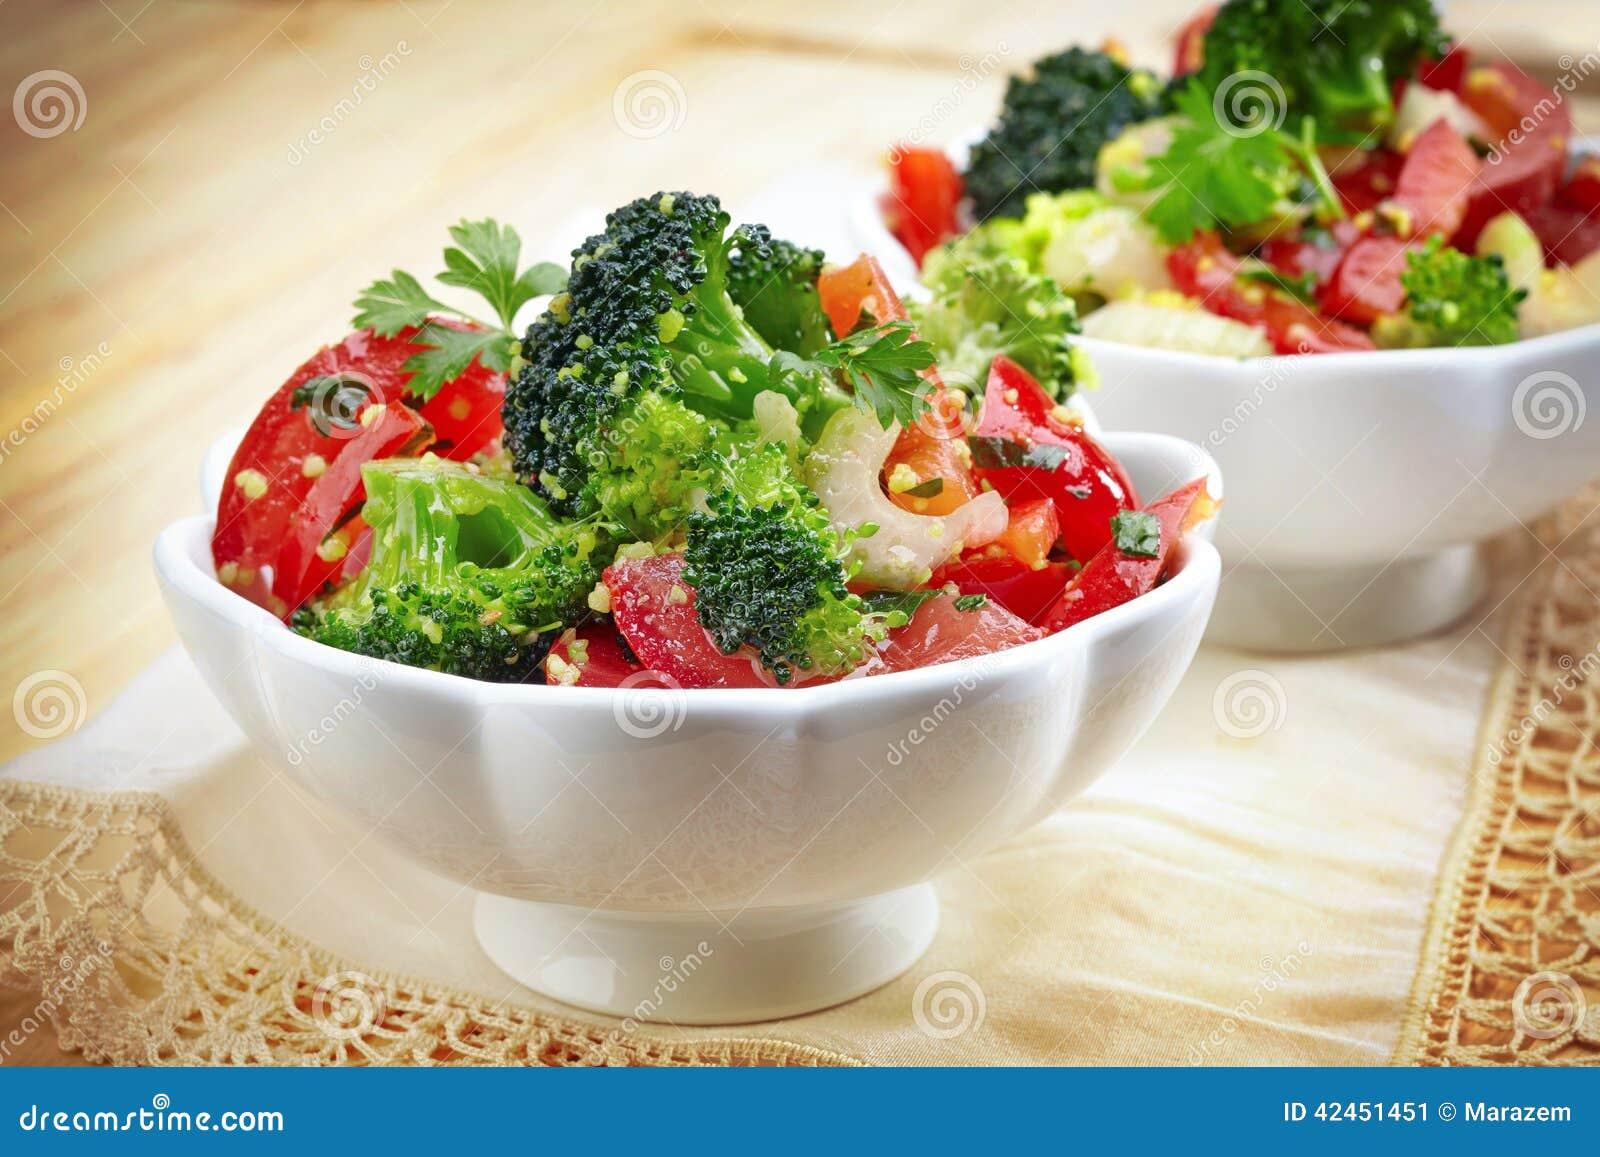 Zwei Schüsseln Gemüsesalat